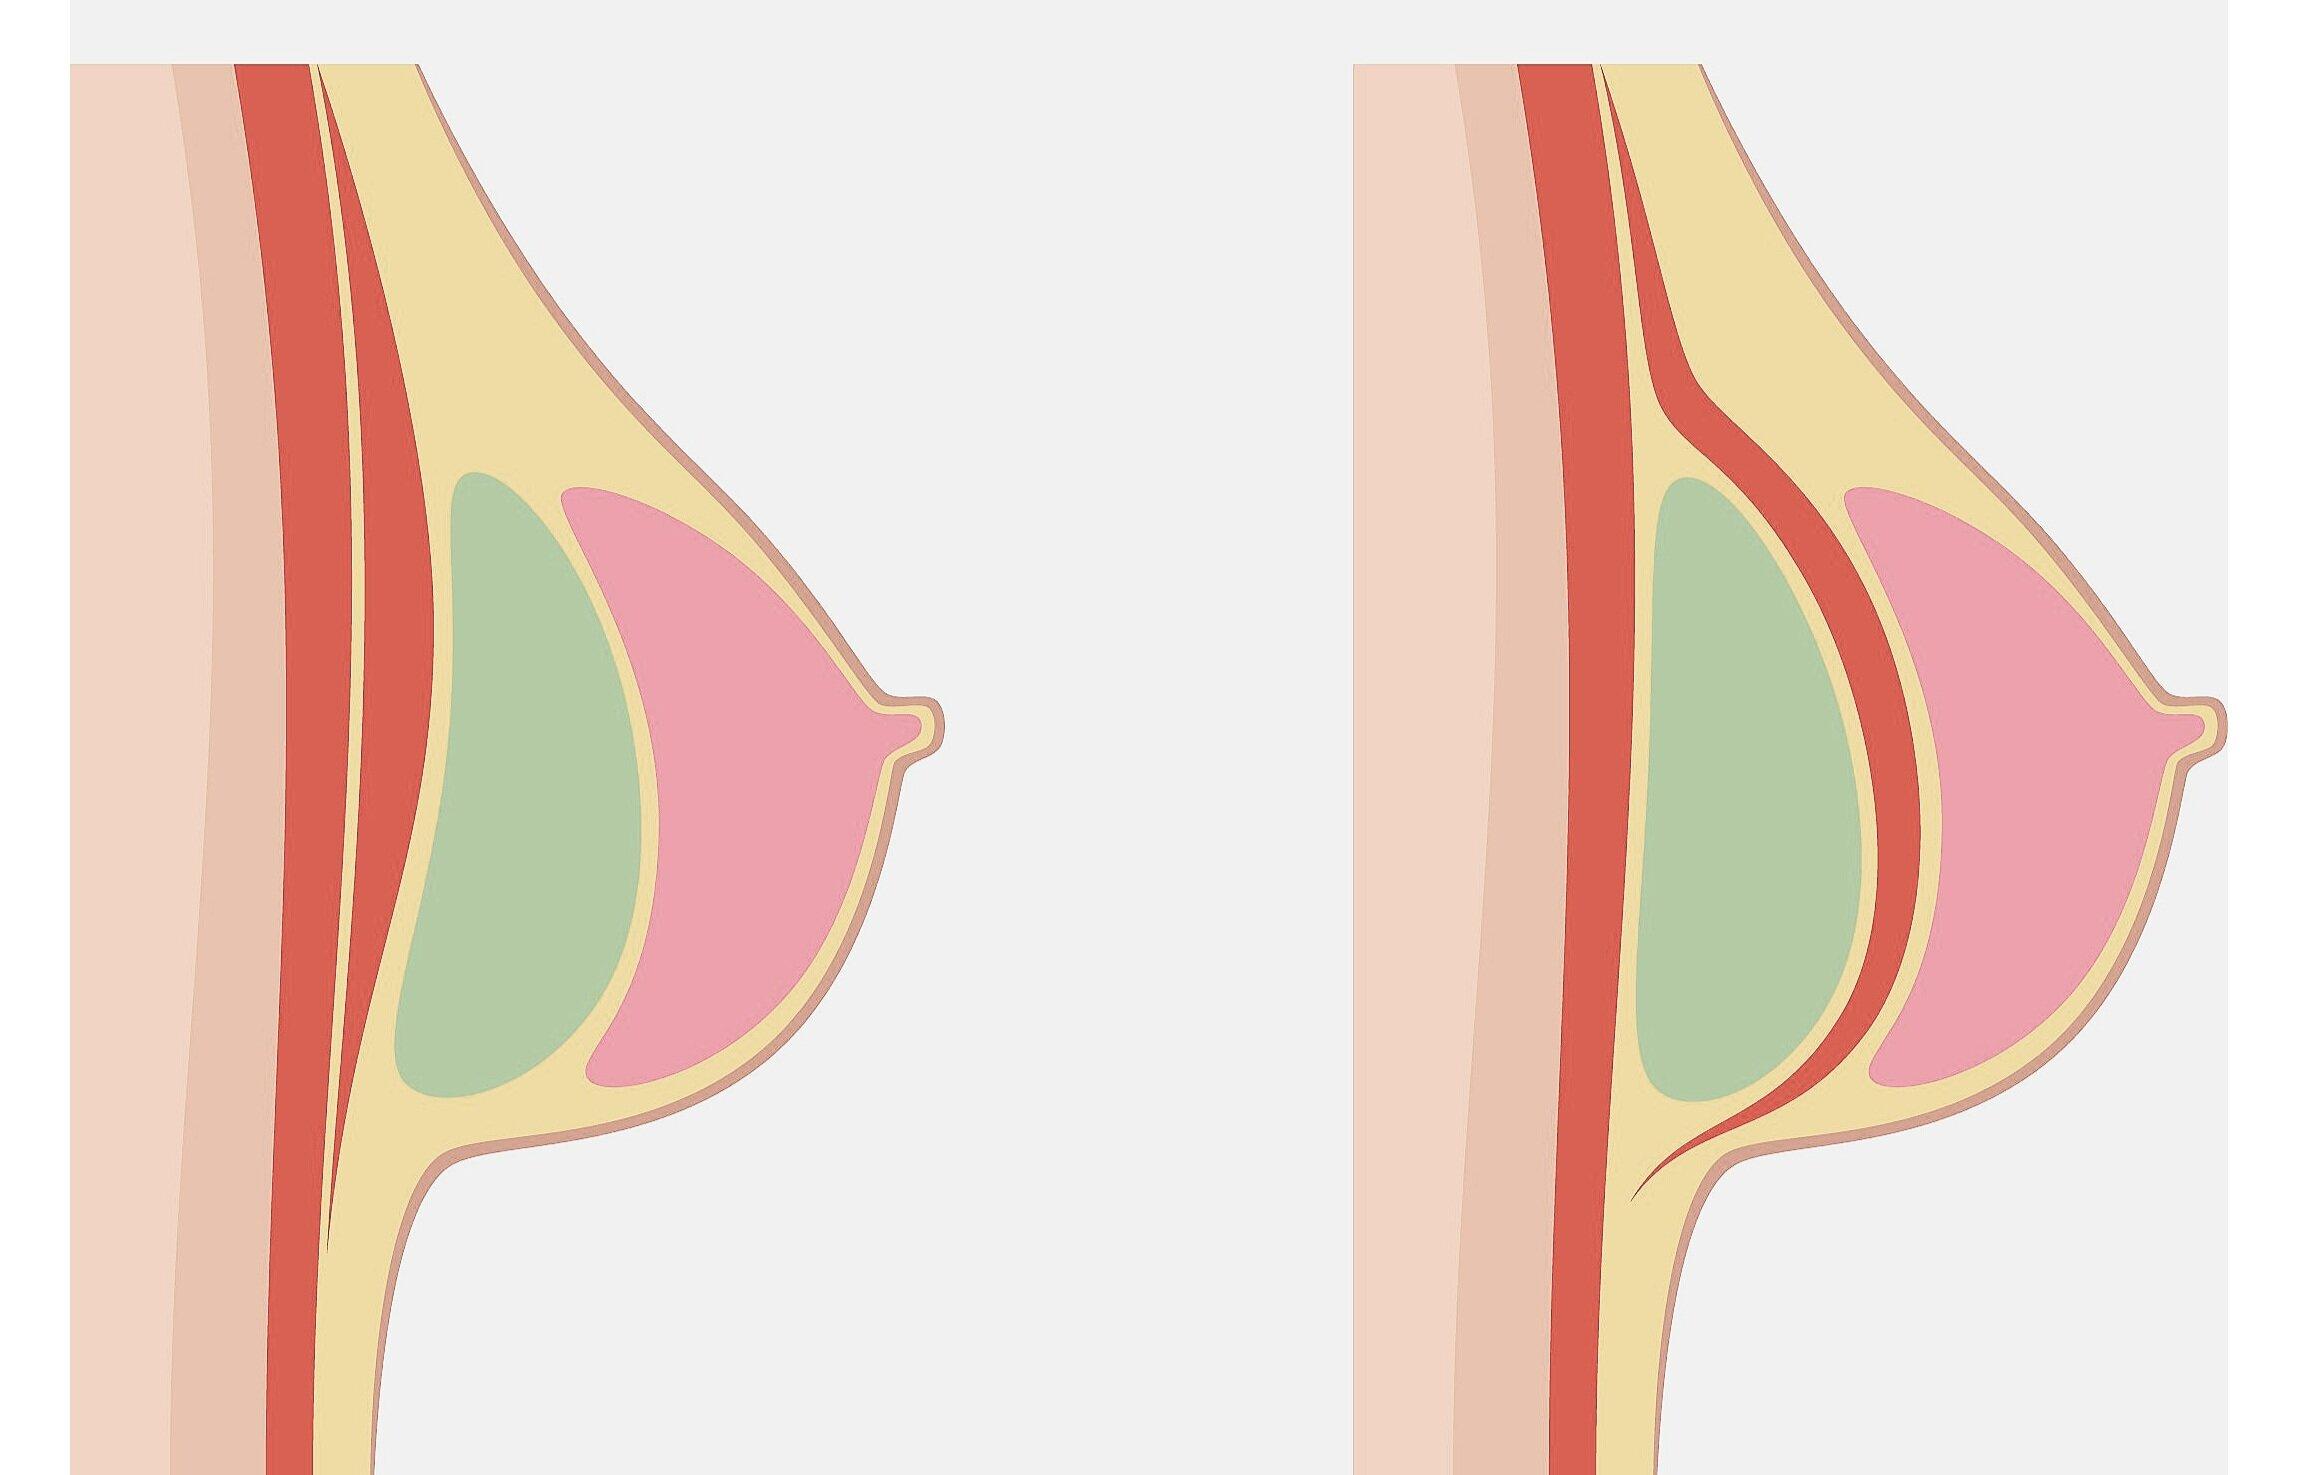 breast implant contamination